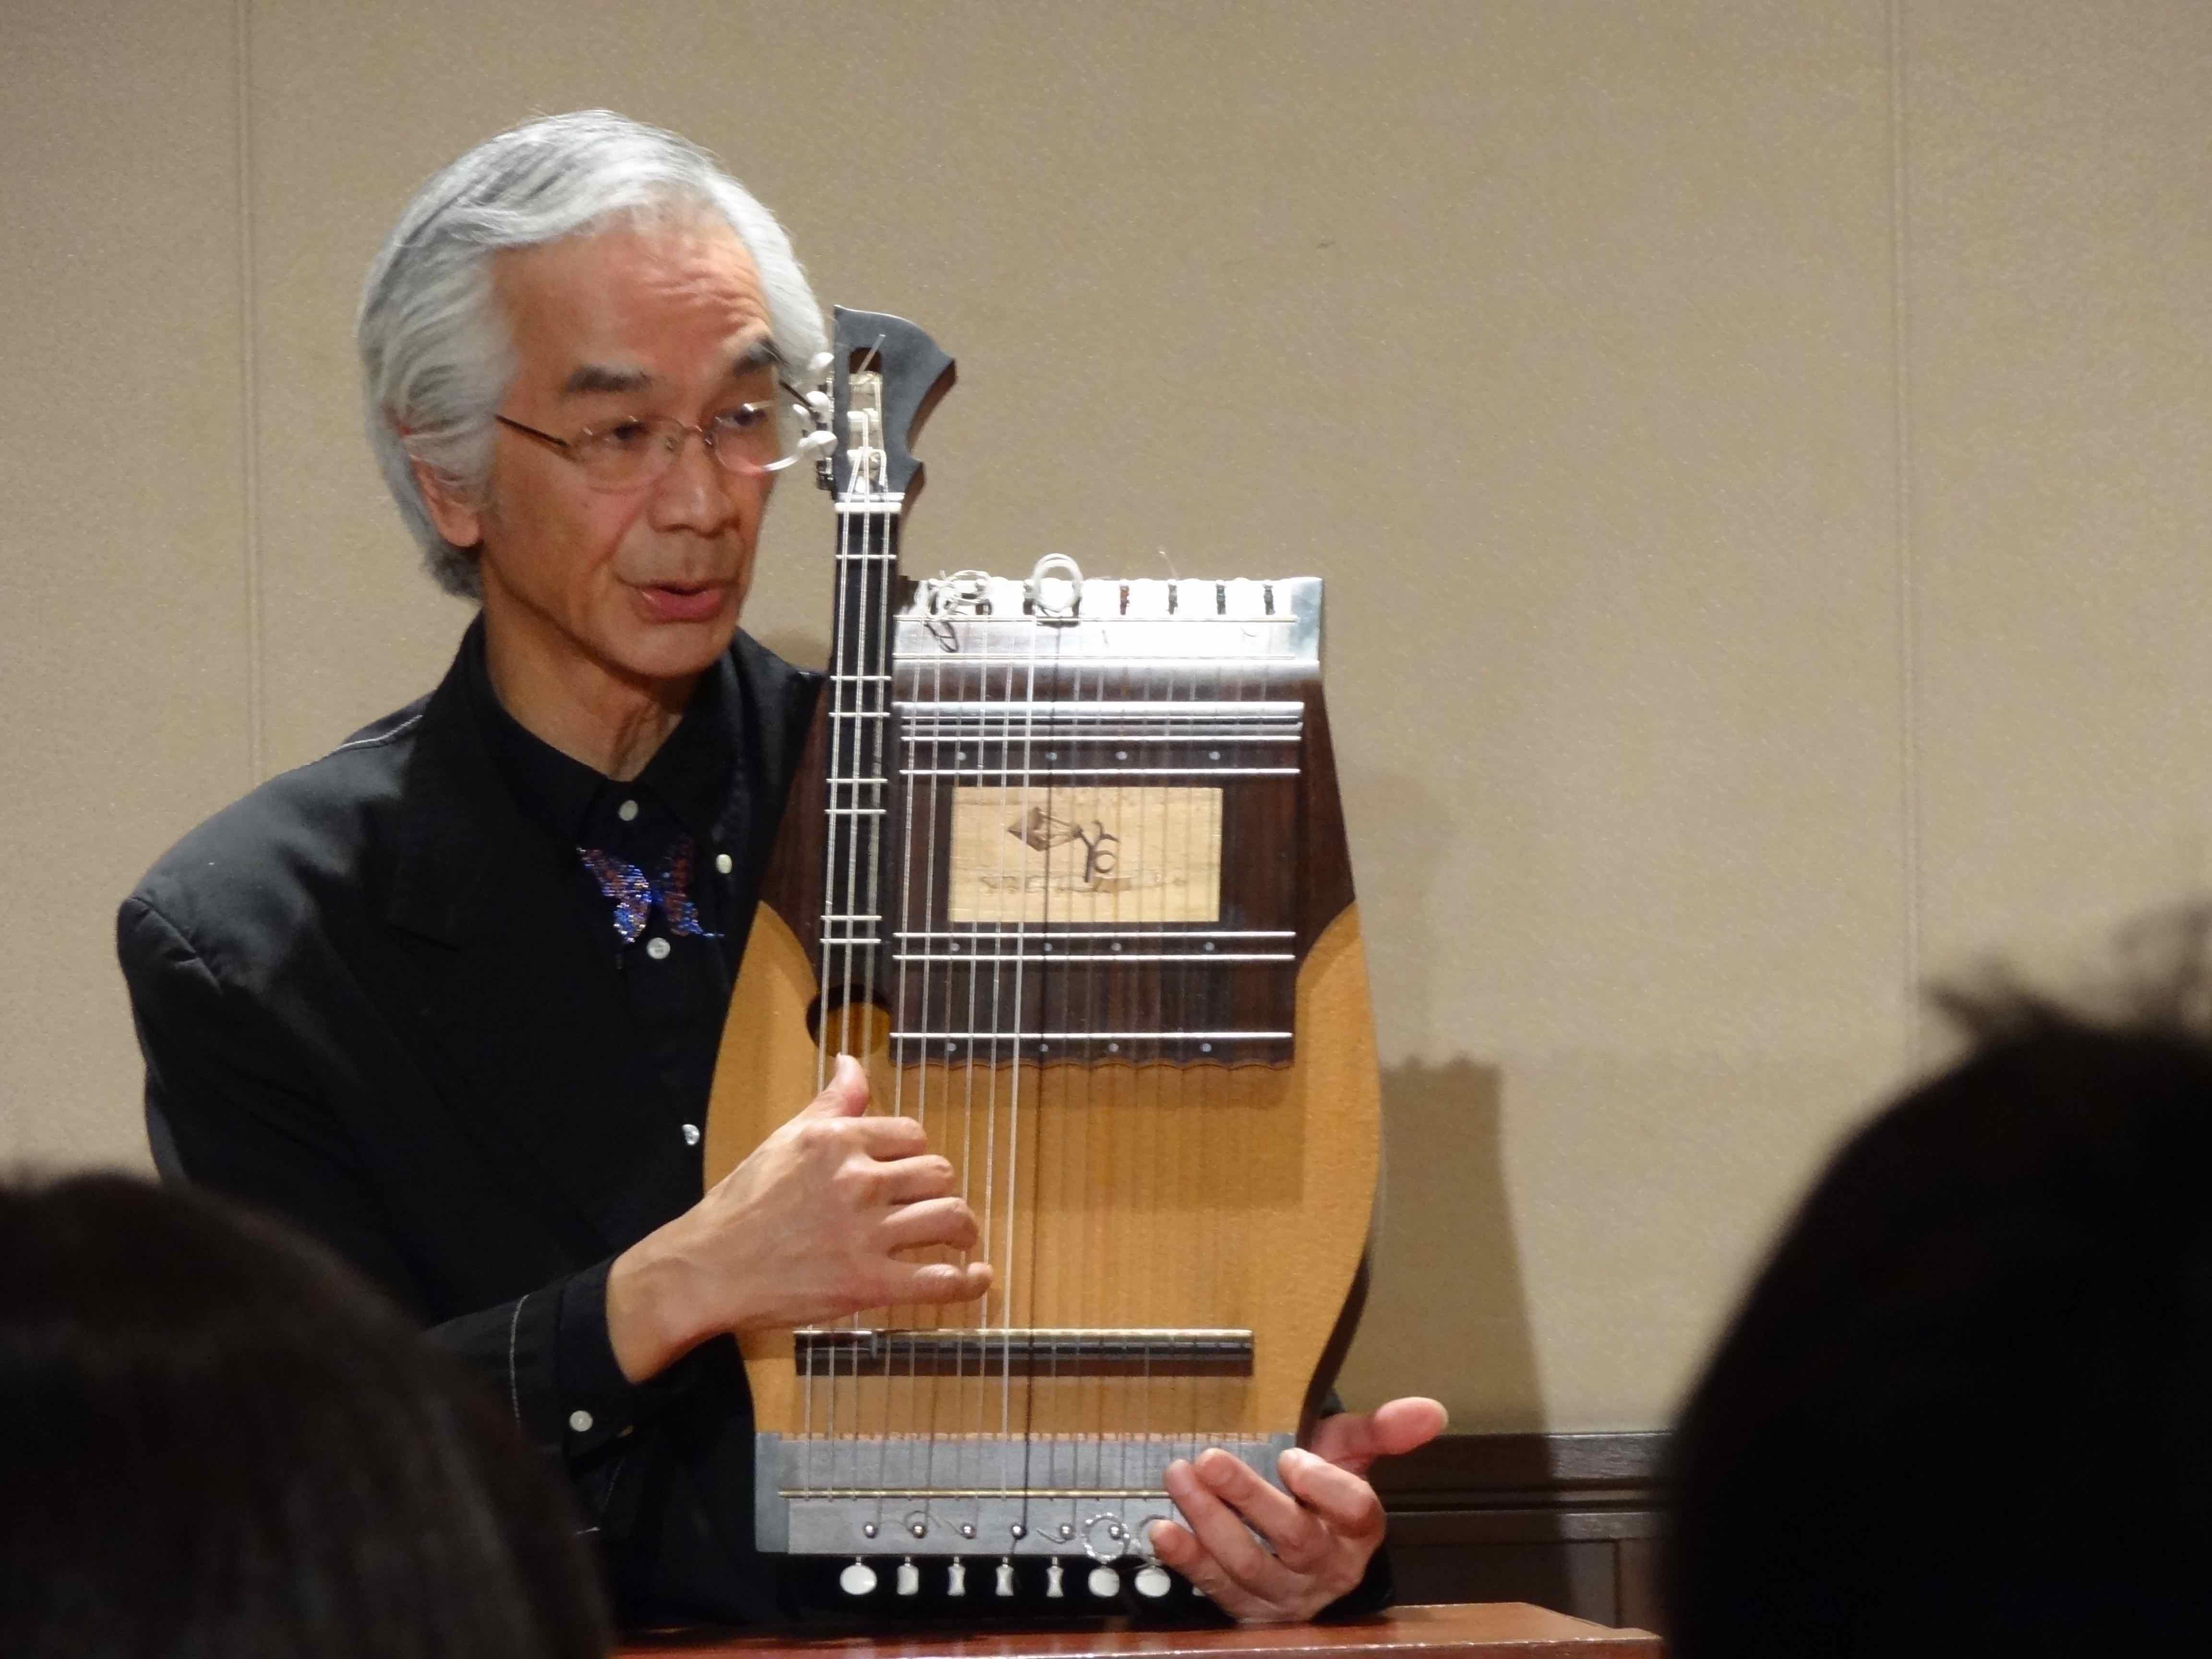 吉川二郎のギタルパ個人レッスン45分【門下生専用】のイメージその1